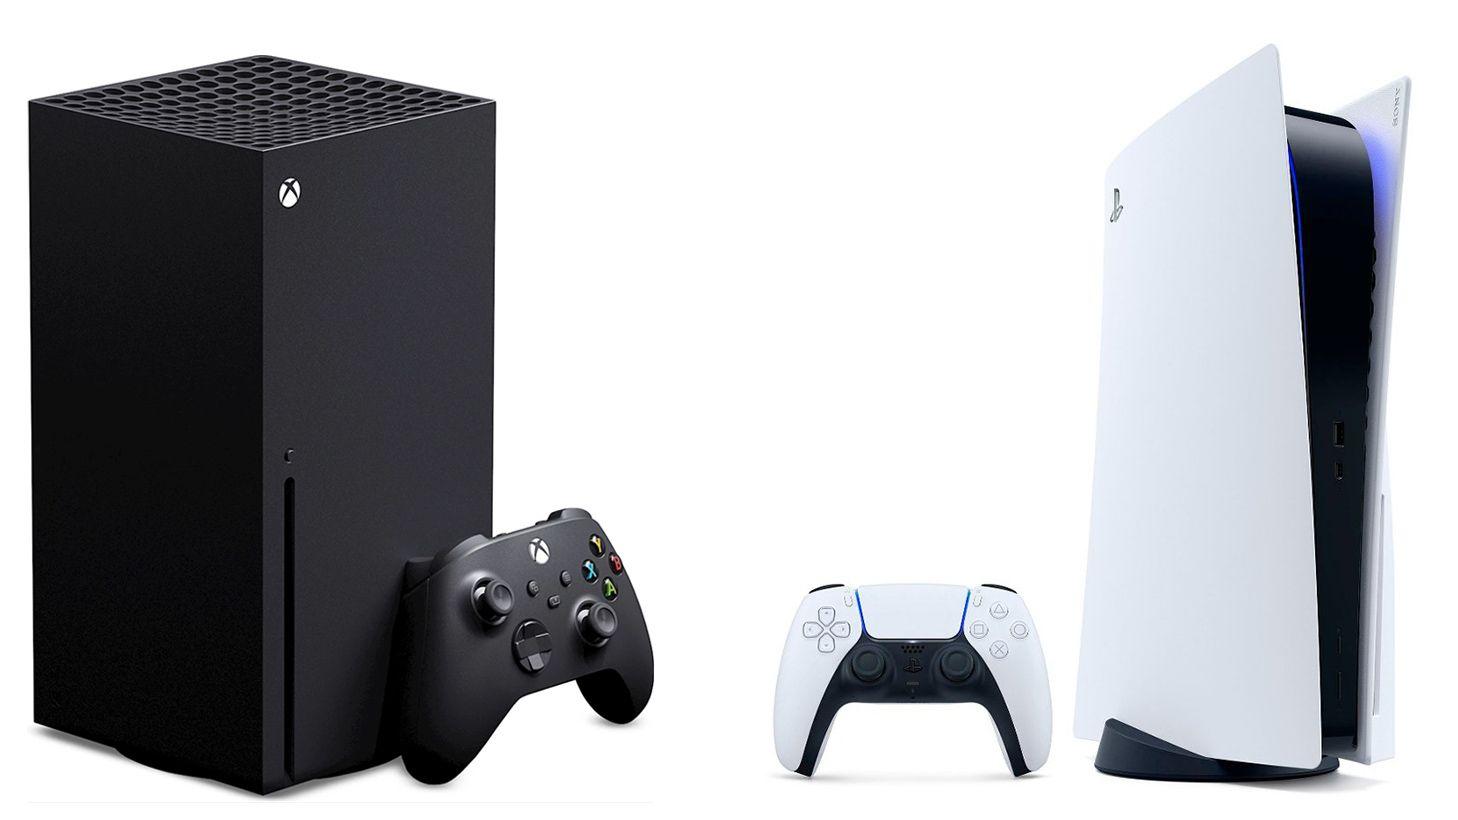 Forhåndssalget av konkurrenten Xbox Series X starter tirsdag. Den blir noen hundrelapper billigere enn PS5.